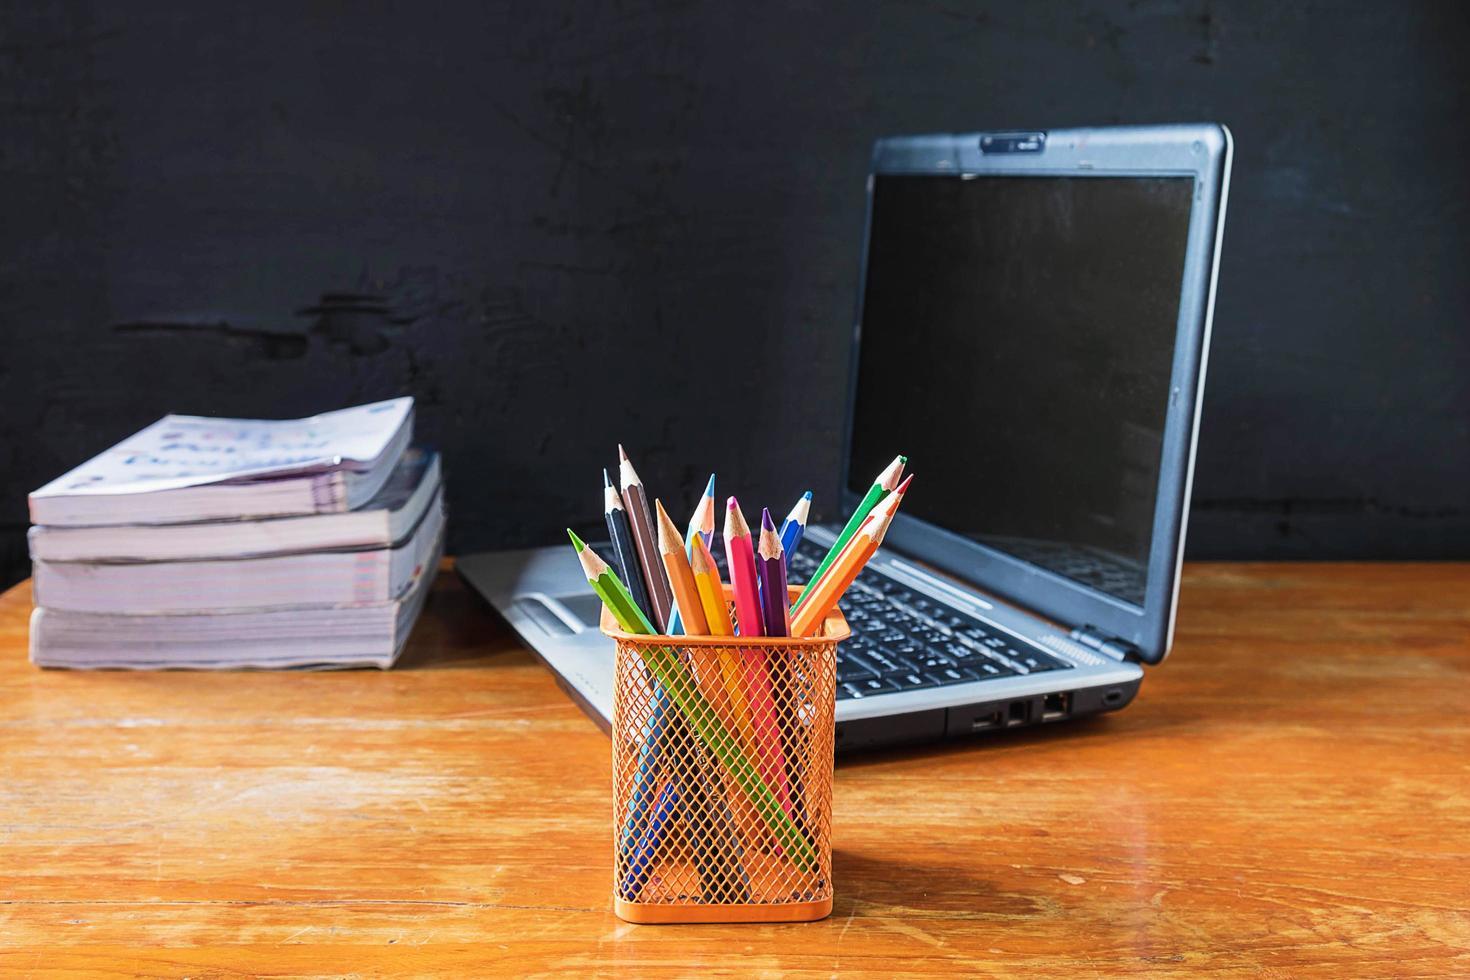 kopje potloden, een laptop en een stapel boeken op een houten tafel naast een zwarte muur foto